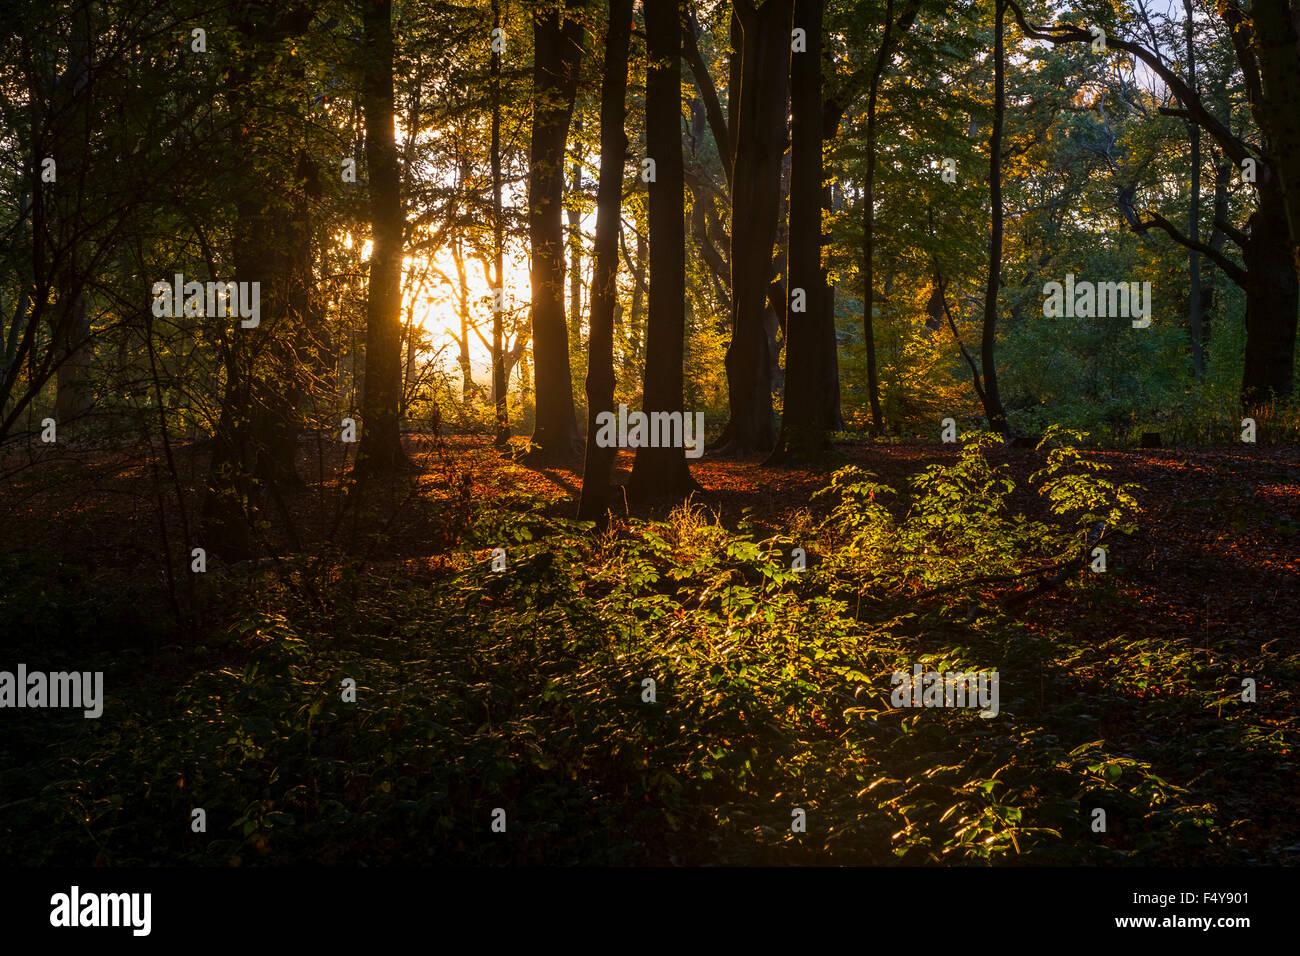 Un tramonto dorato sul bosco inglese in Hanbury, Worcestershire. Immagini Stock